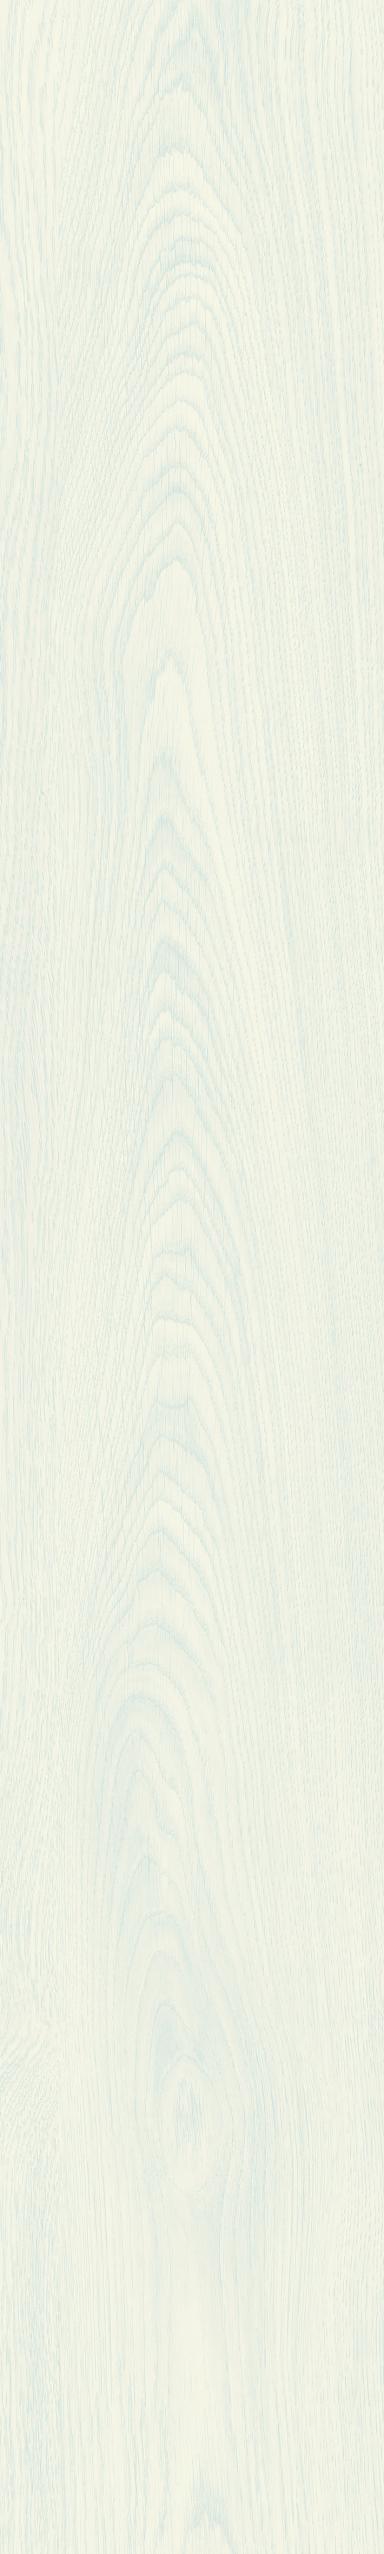 Laurel oak 51102 design